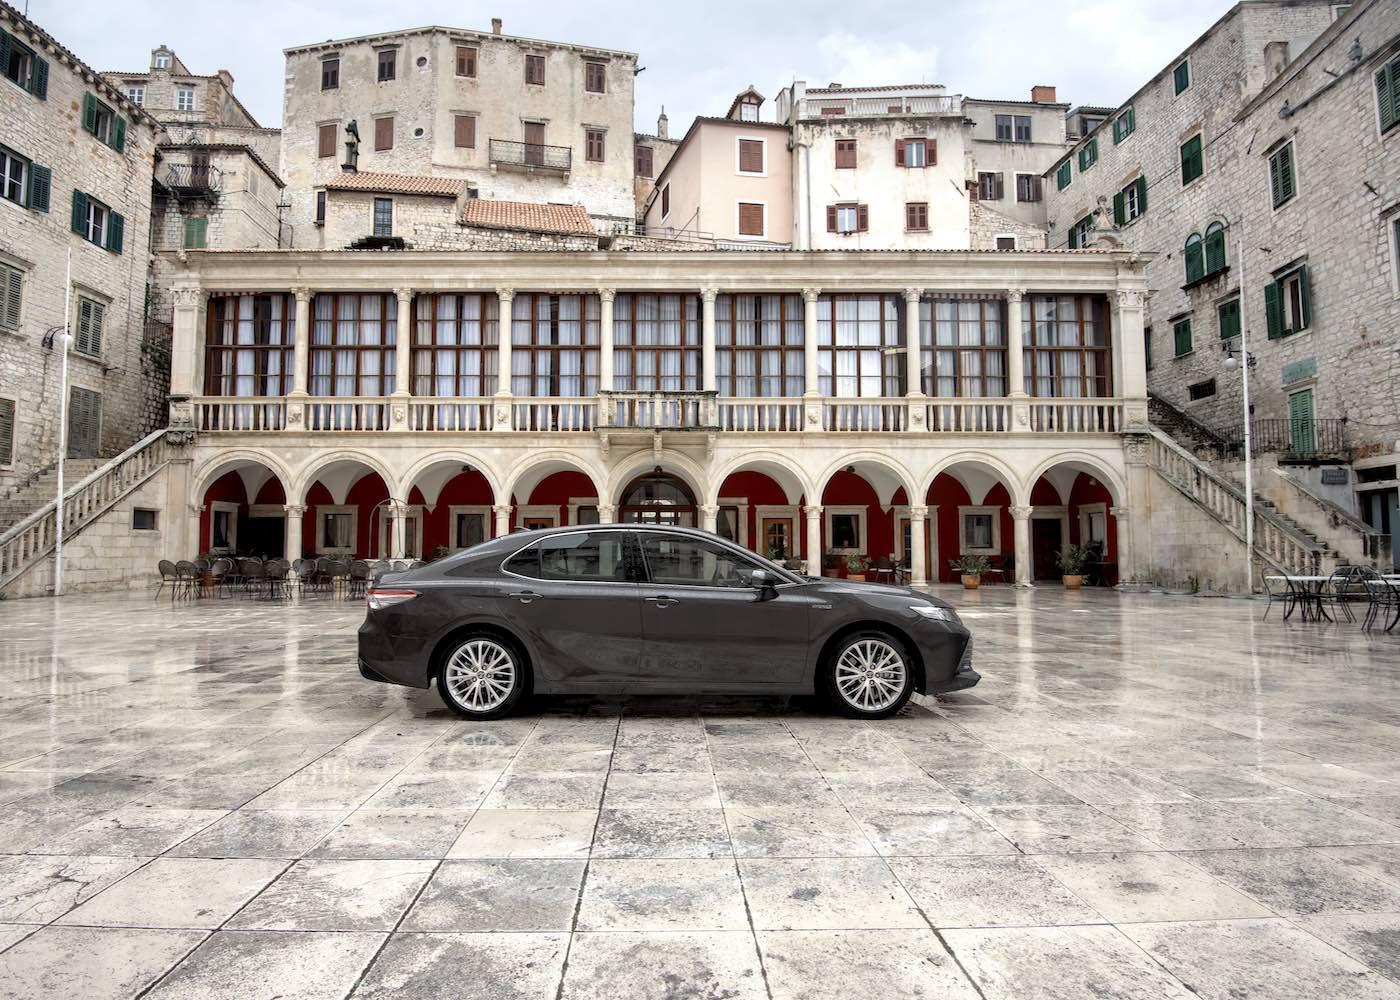 Camry Toyota parado numa paisagem urbana